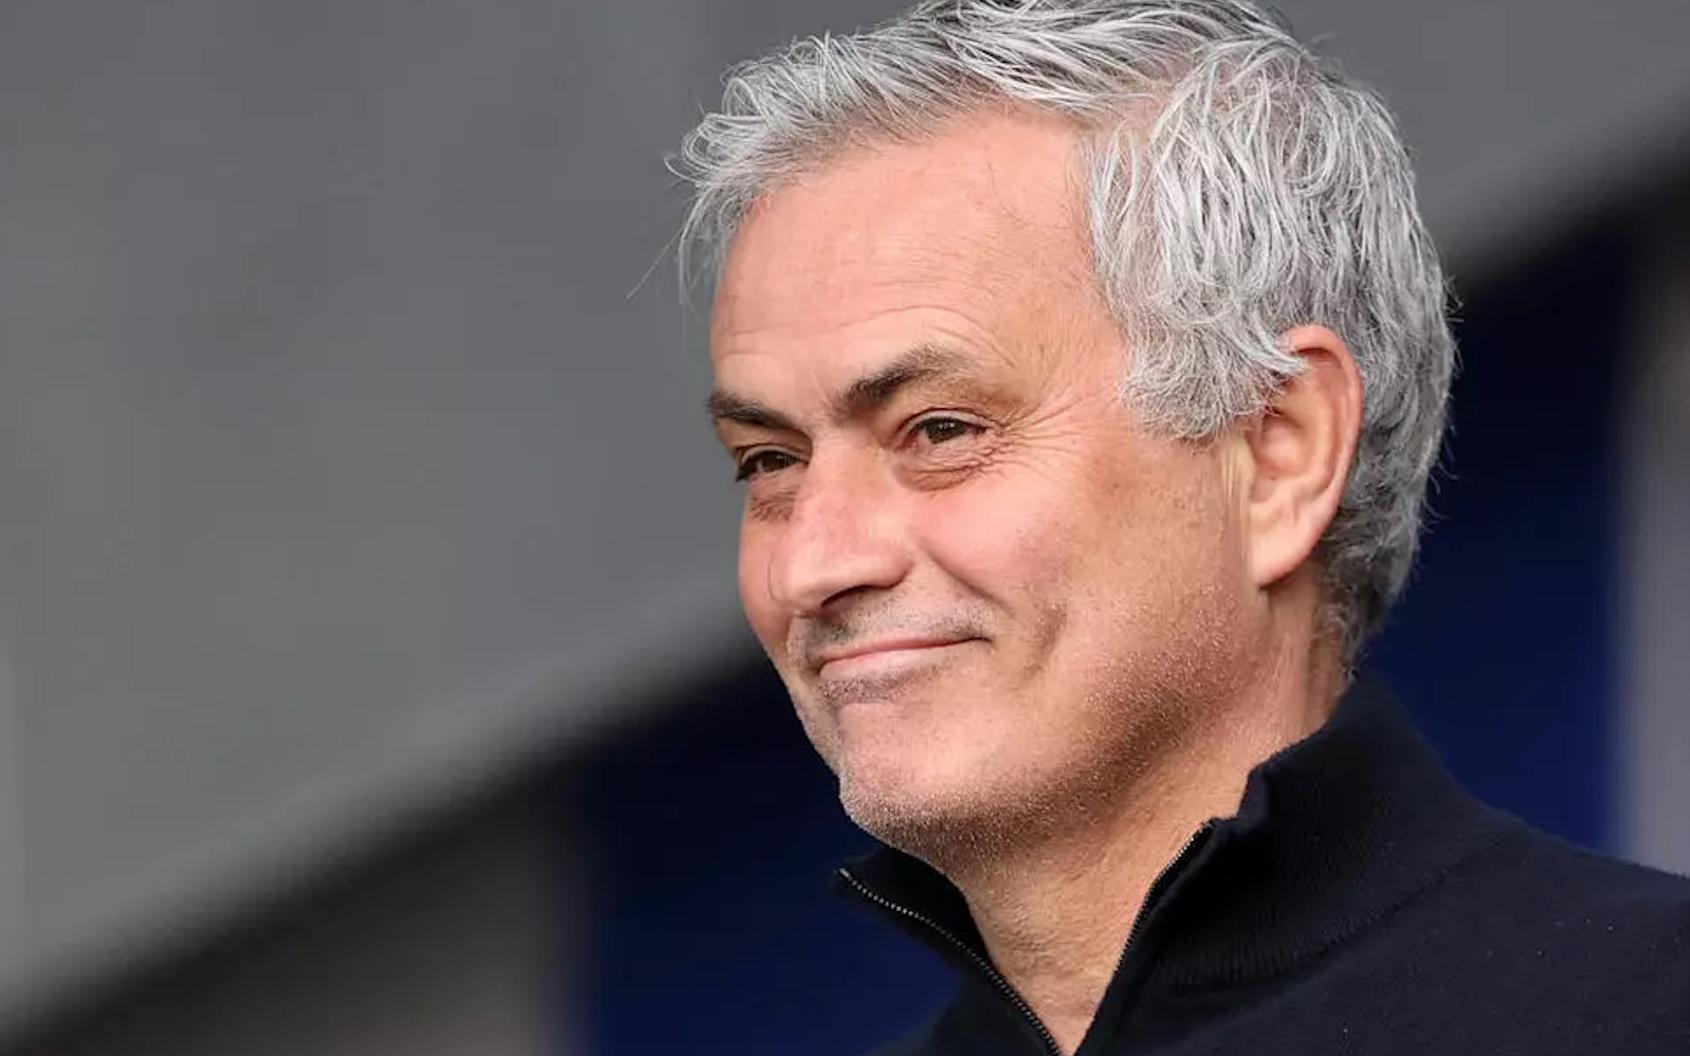 Nóng: HLV Mourinho dẫn dắt AS Roma trong 3 năm